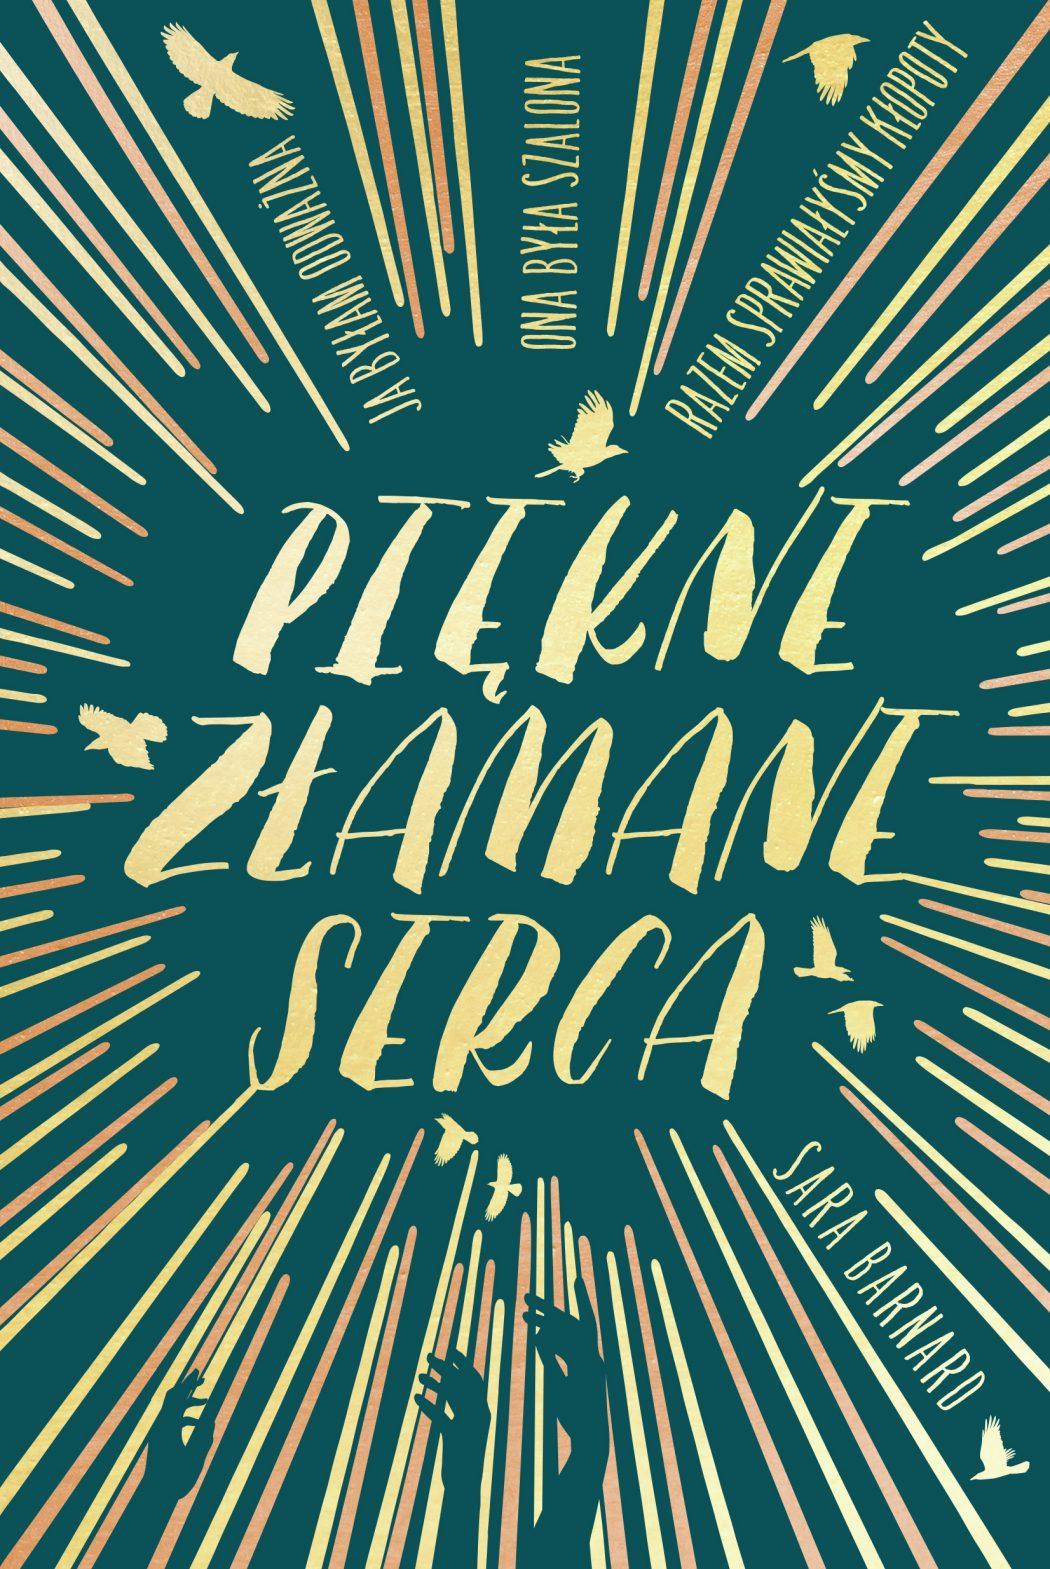 magazynkobiet.pl - SB BBT cover PL front 1050x1569 - Te wakacje przyniosą wspaniałą powieść, która na długo zapada w pamięć